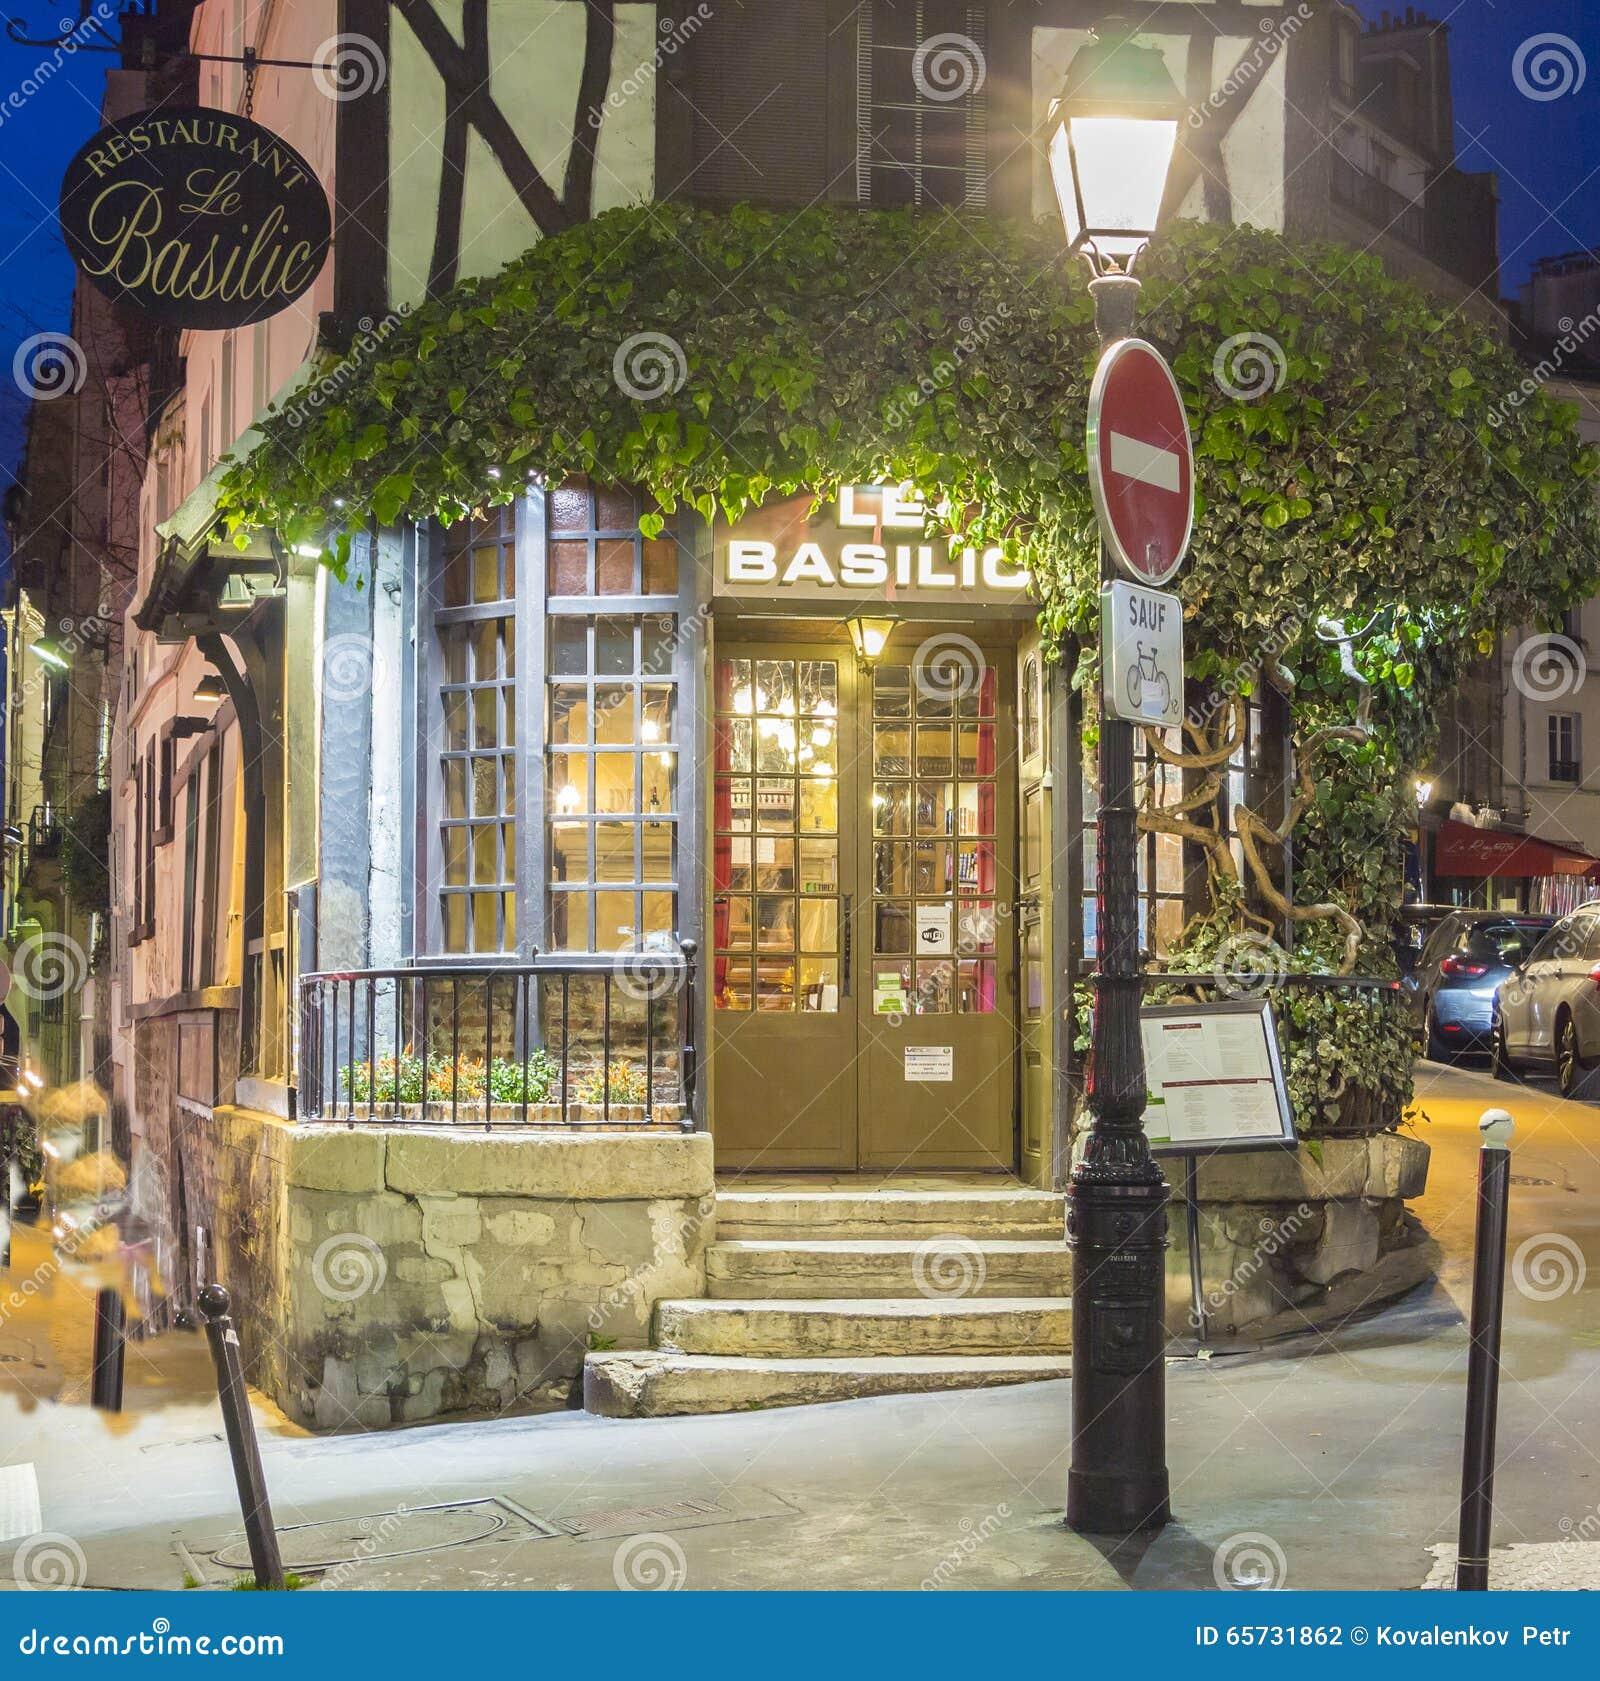 The restaurant le basilic montmartre quarter paris for Restaurant le miroir montmartre